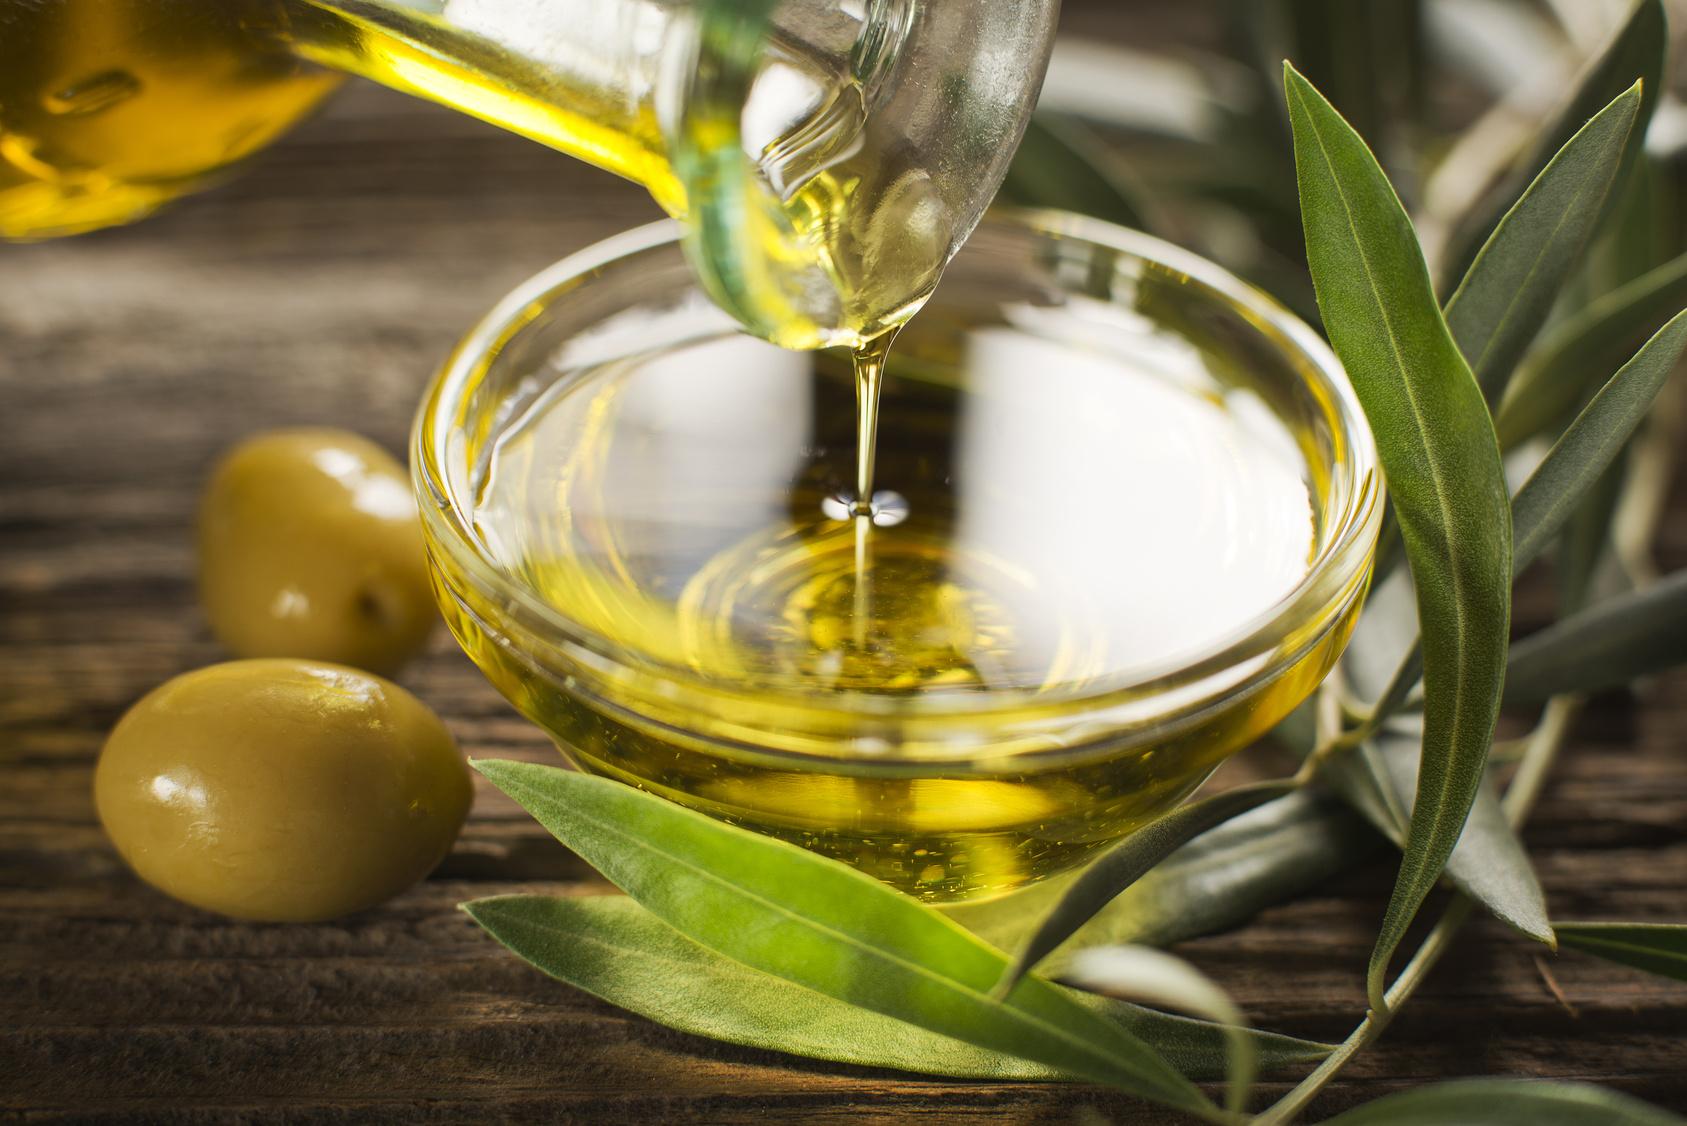 Оливковое масло вред и польза для организма человека